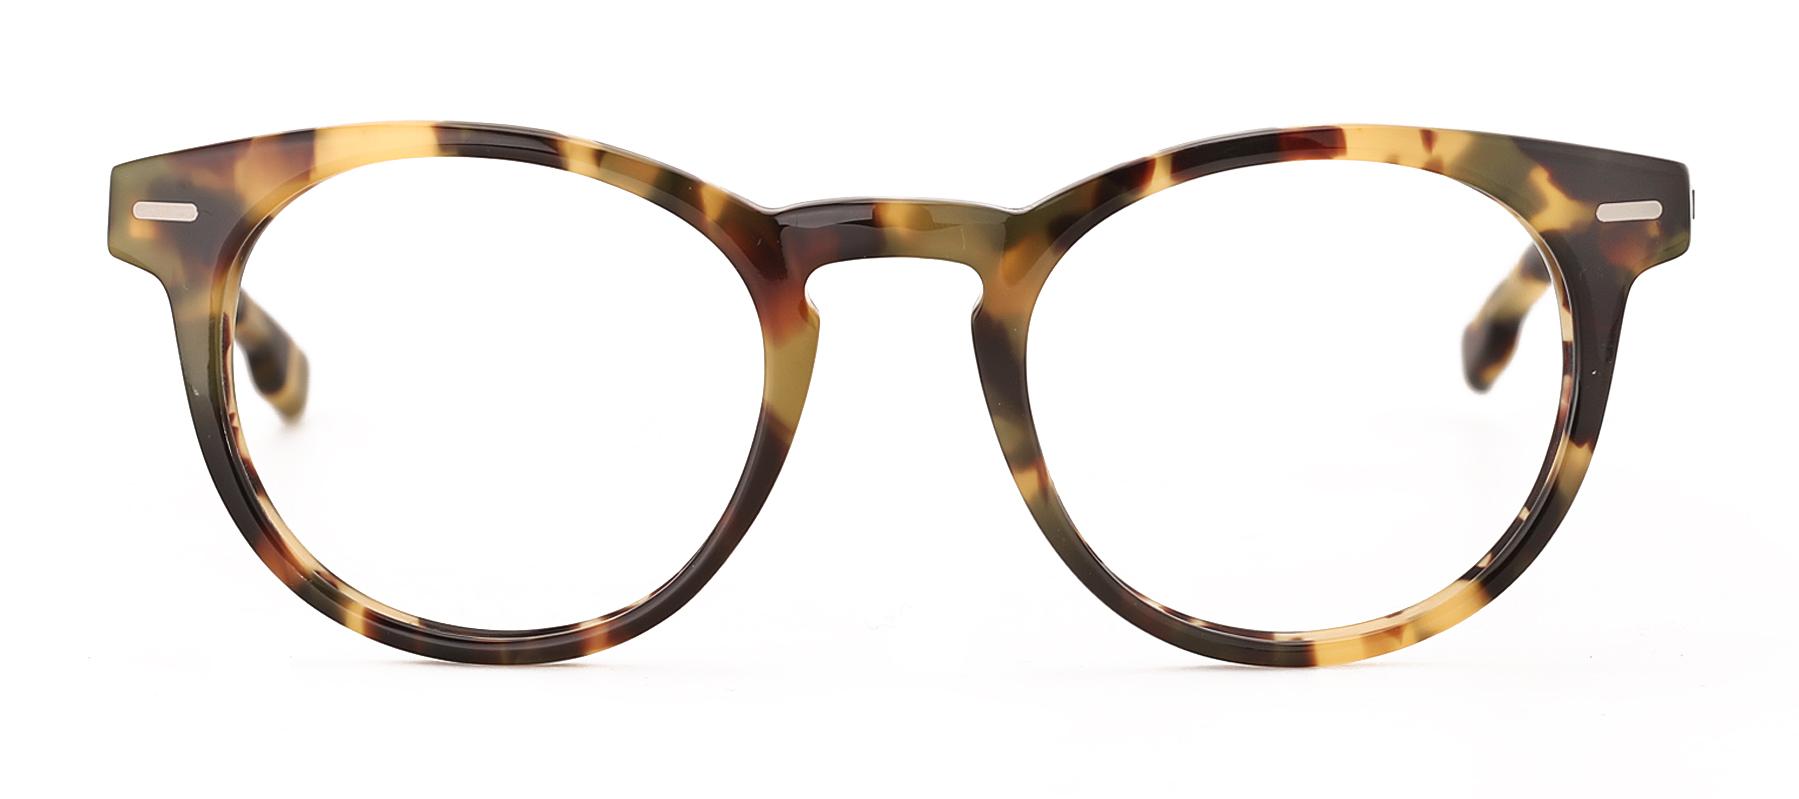 Año nuevo, gafas nuevas! Elige tus gafas para 2018 | Medical Óptica